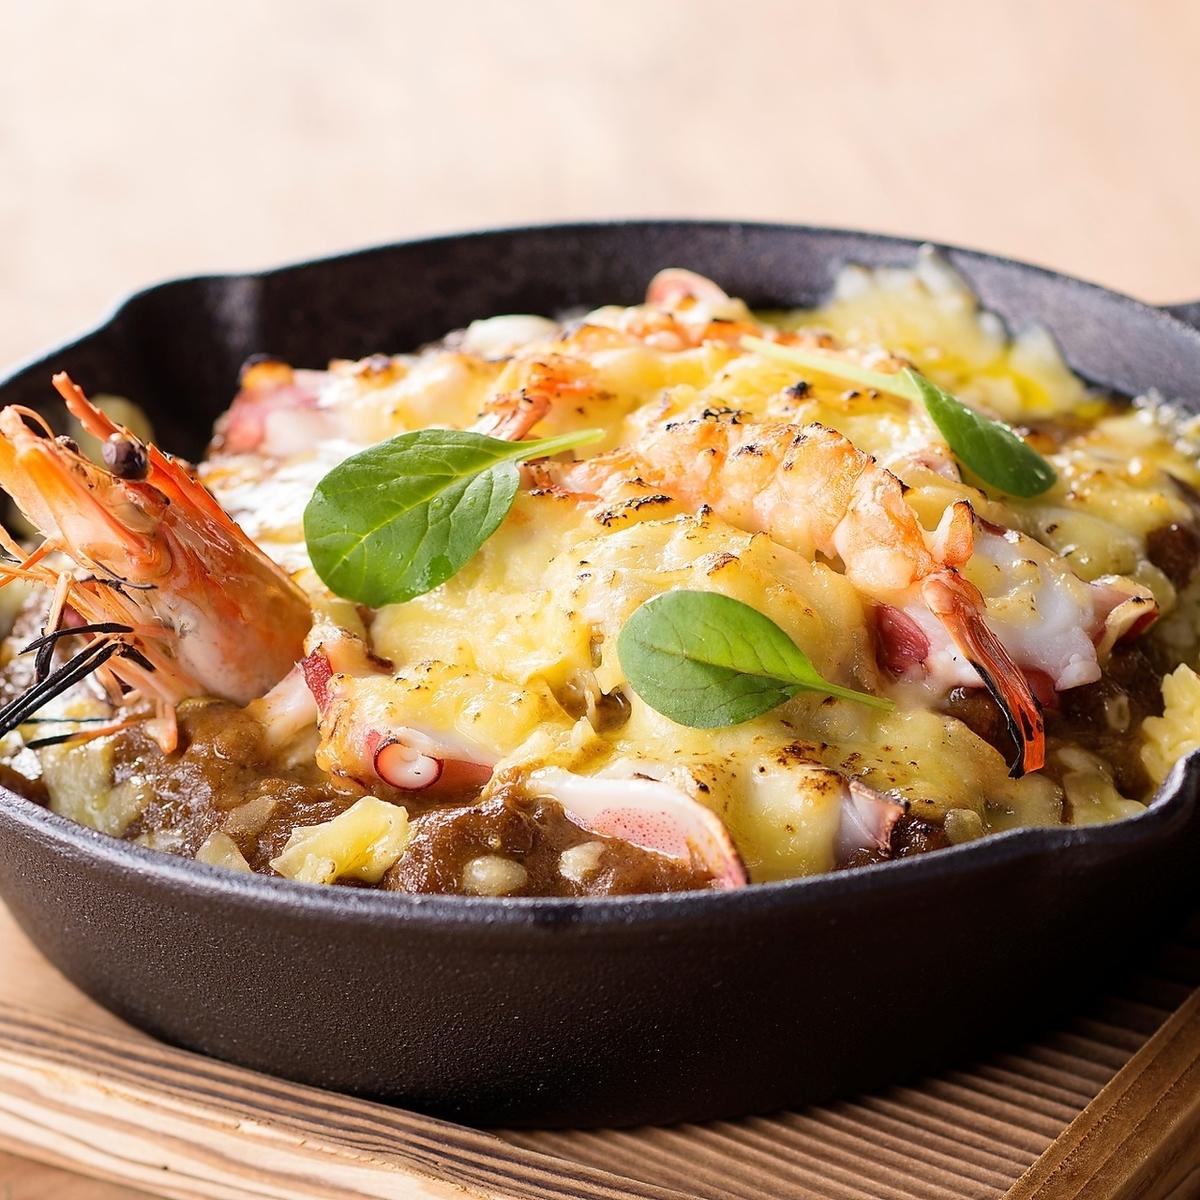 【咖喱】海鲜烤咖喱